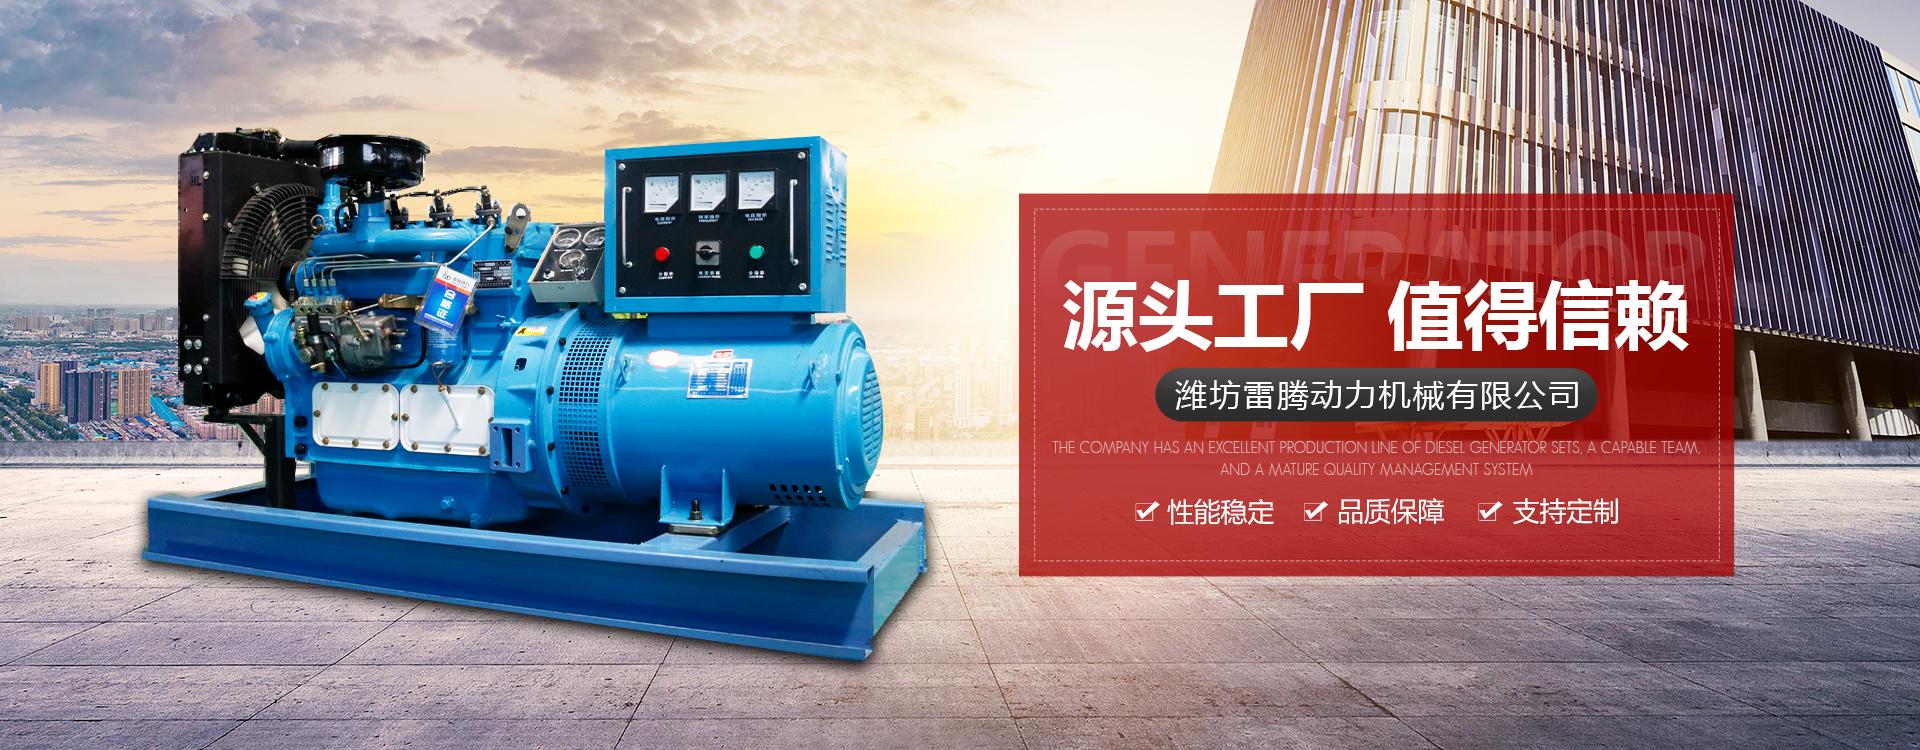 潍坊雷腾动力机械有限公司